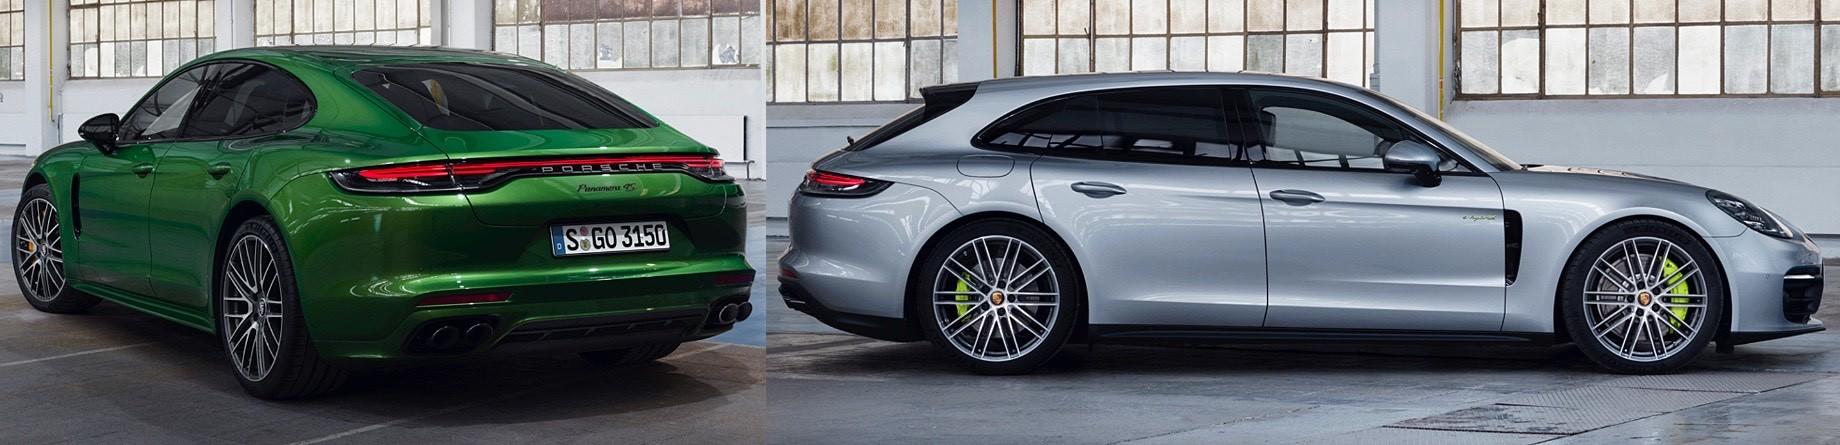 Модель Porsche Panamera Turbo S E-Hybrid прибавила вотдаче